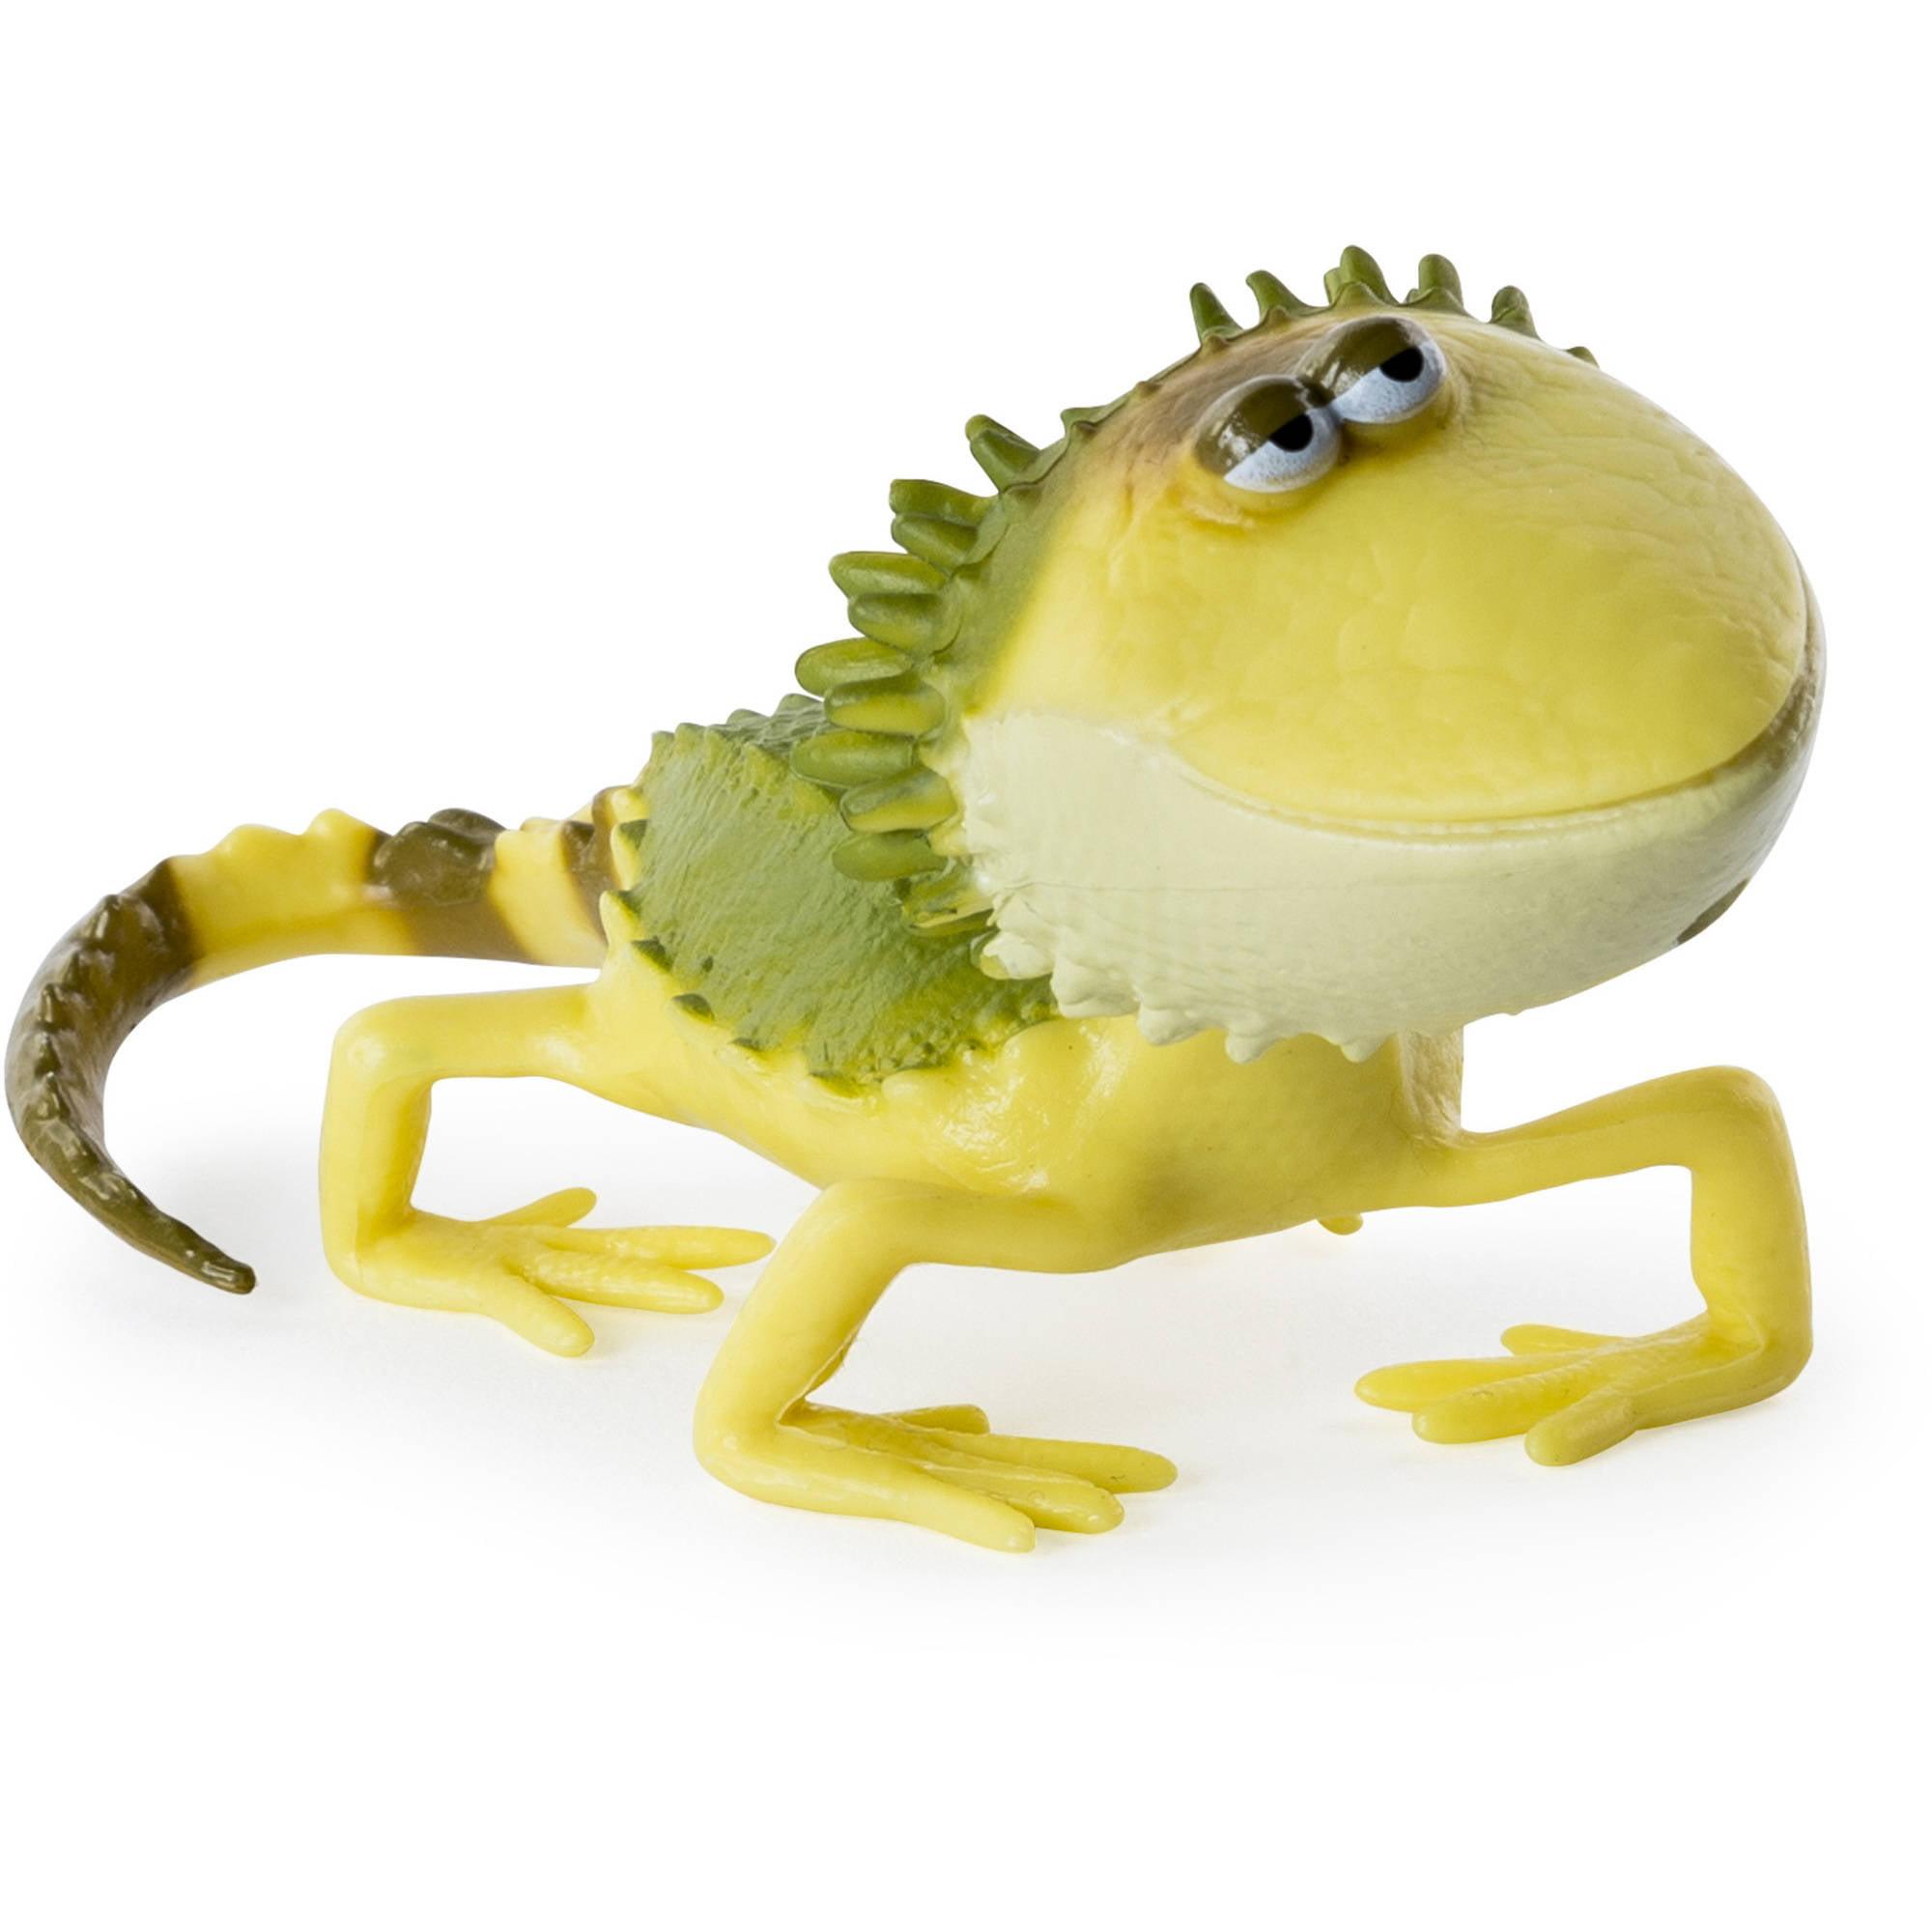 The Secret Life of Pets Lizard Posable Pet Figure